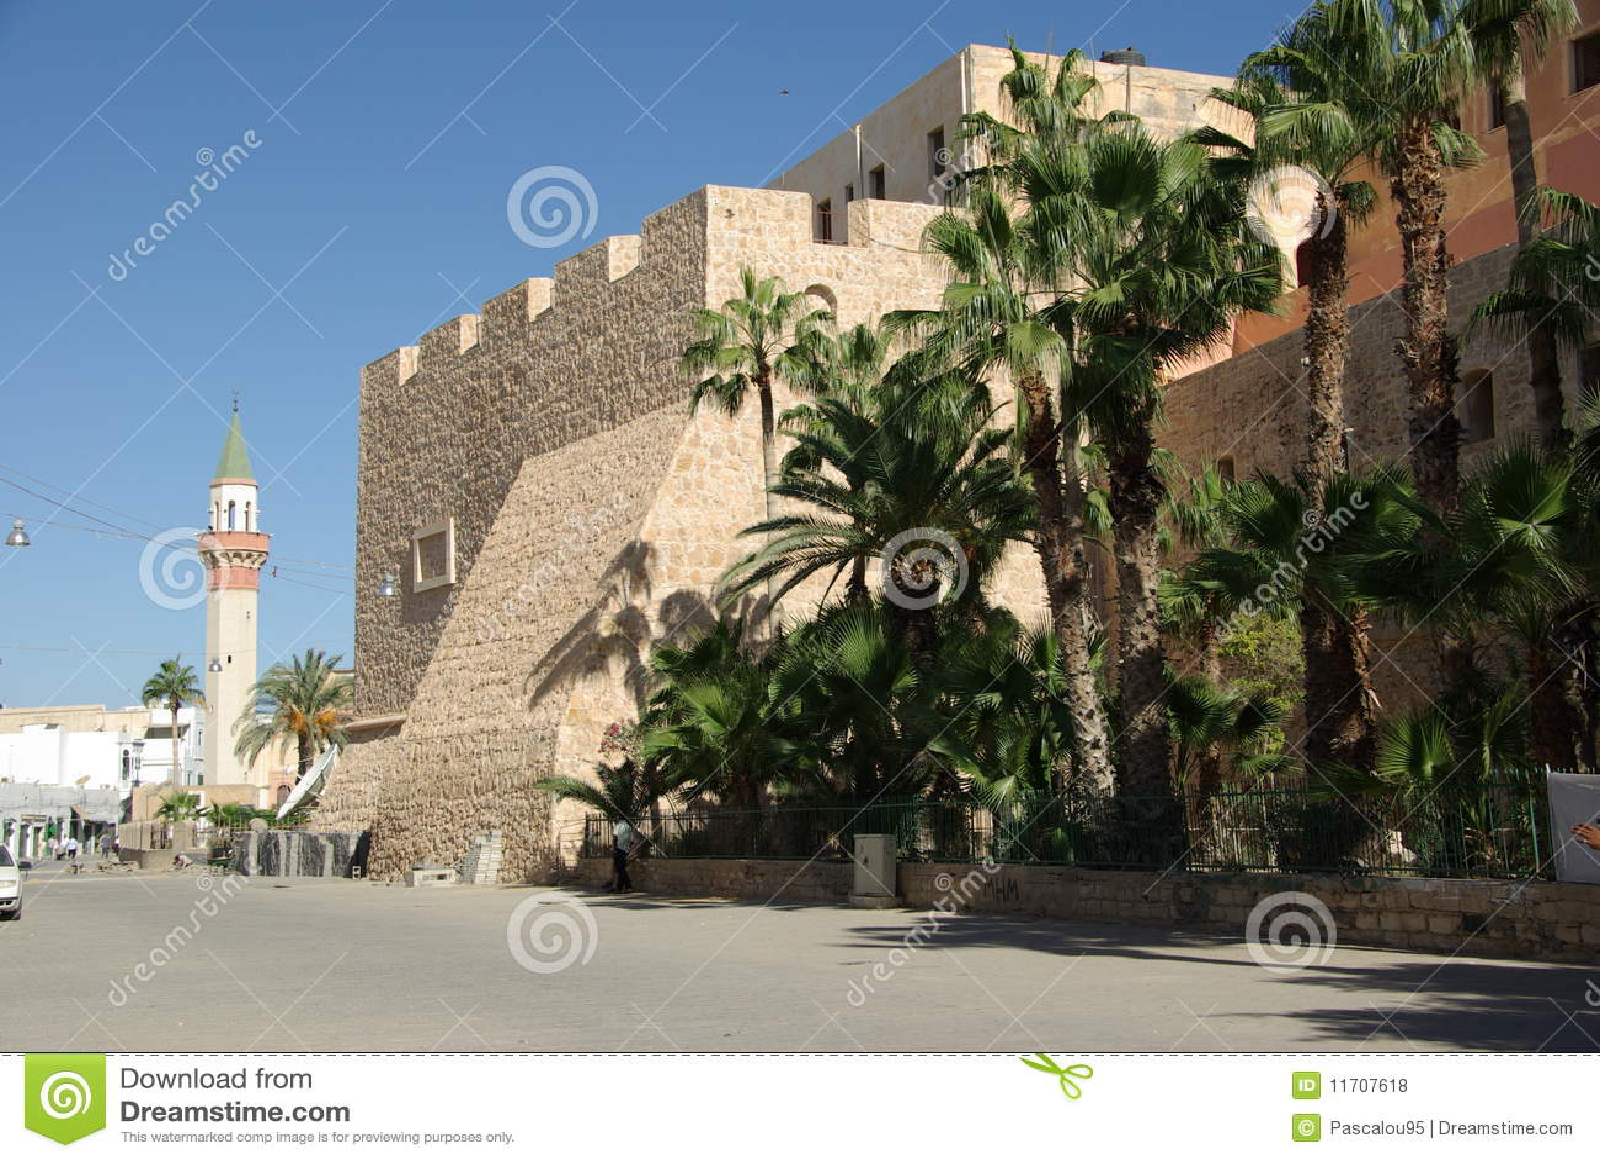 Ливия tripoli